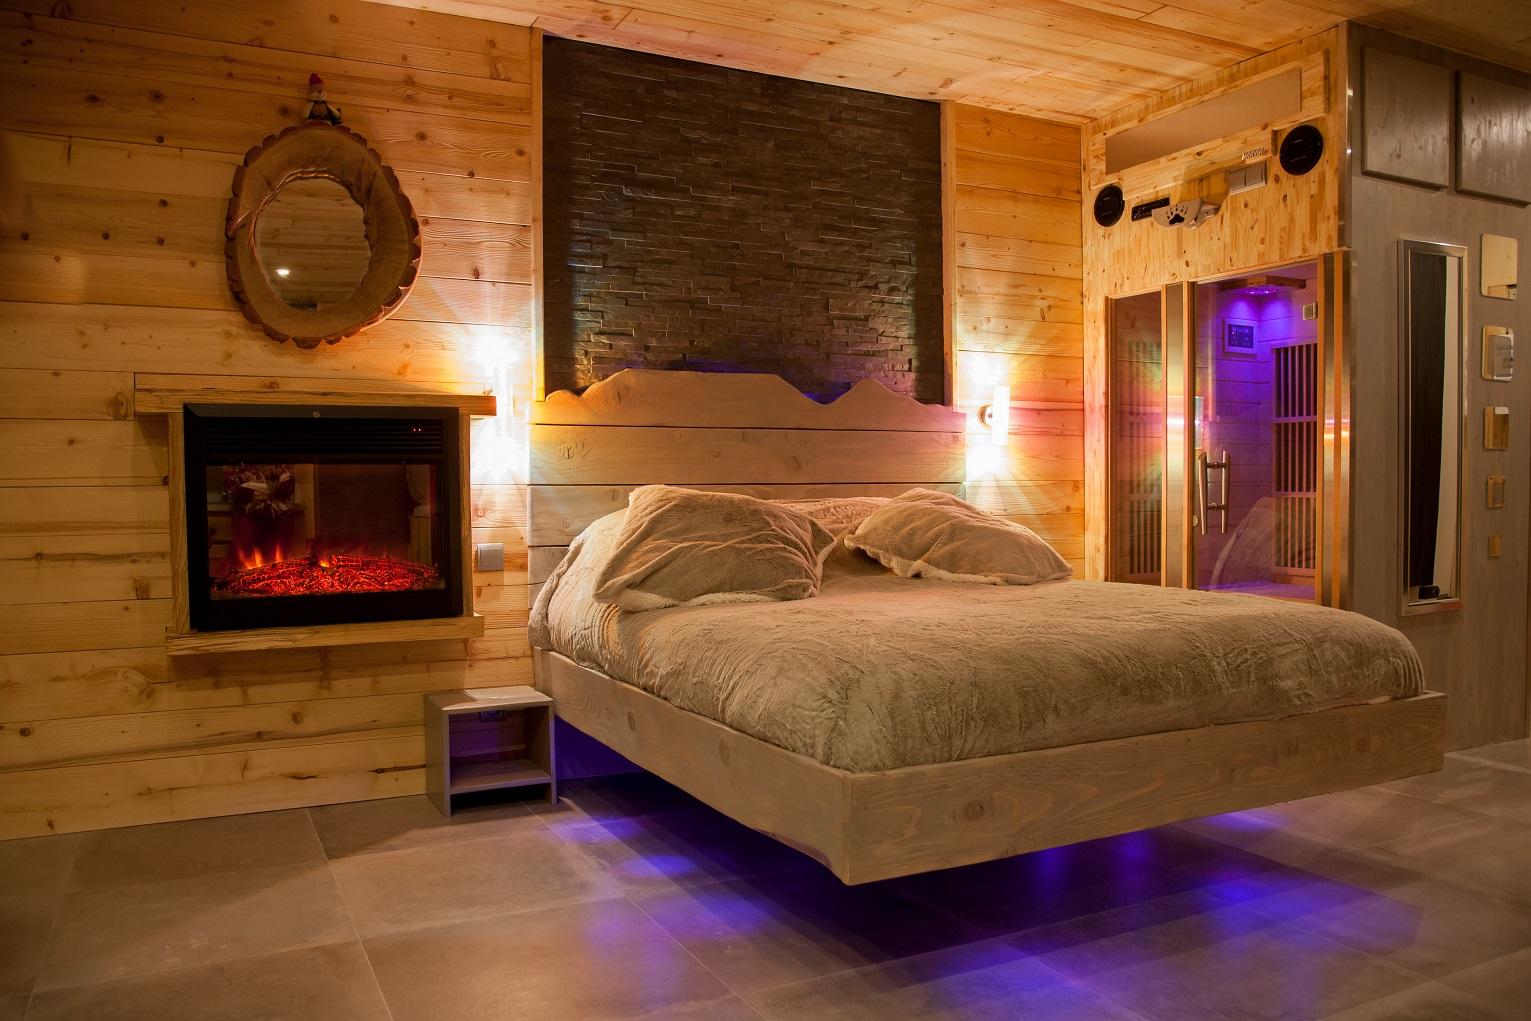 Suite Spa Ski Avec Sauna Et Jacuzzi Nuit D Amour